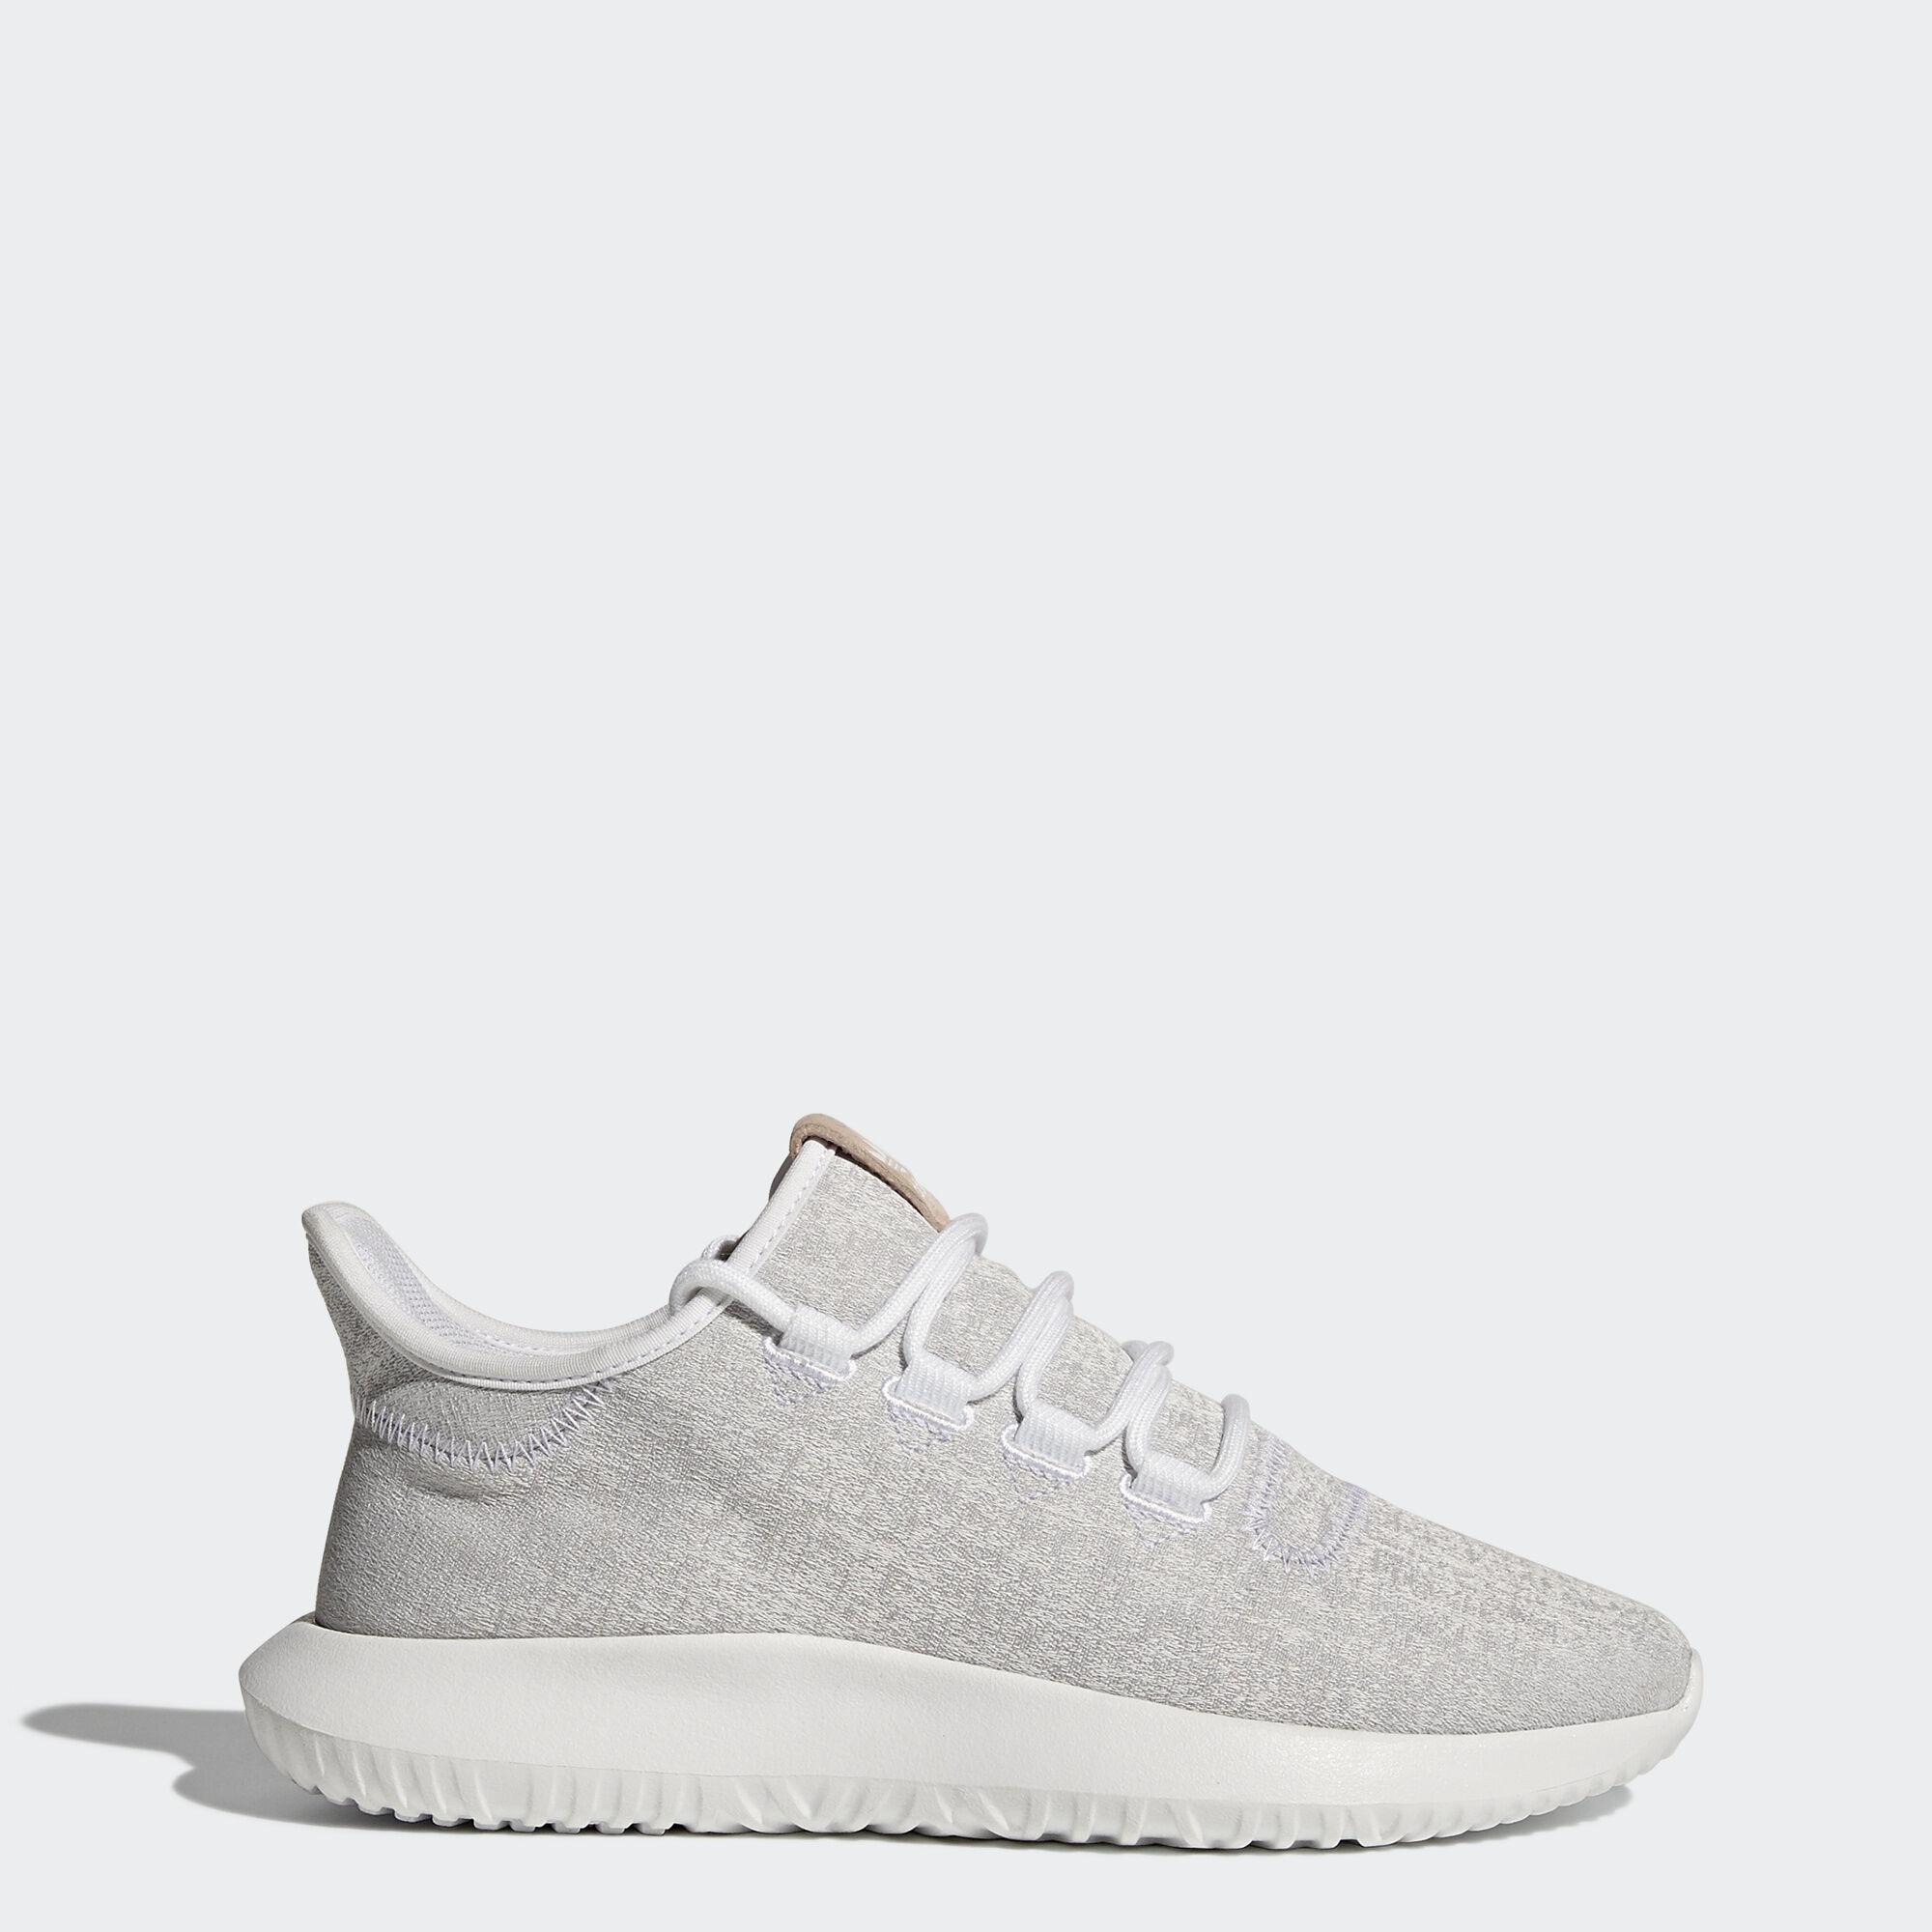 Adidas zapatos Adidas blancos regionales tubular de sombra